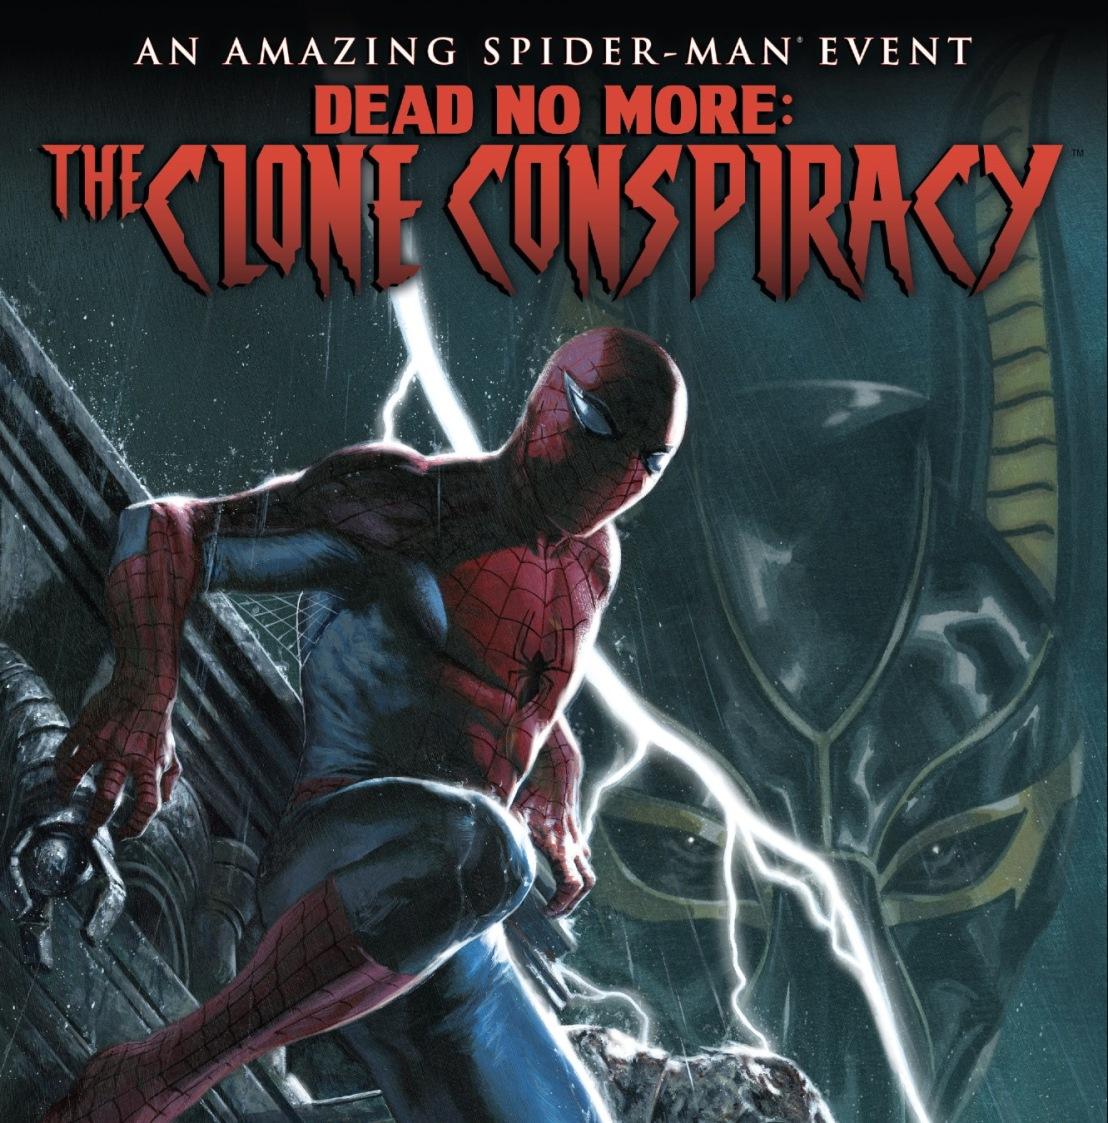 Dead No More: Clone Conspiracy#1